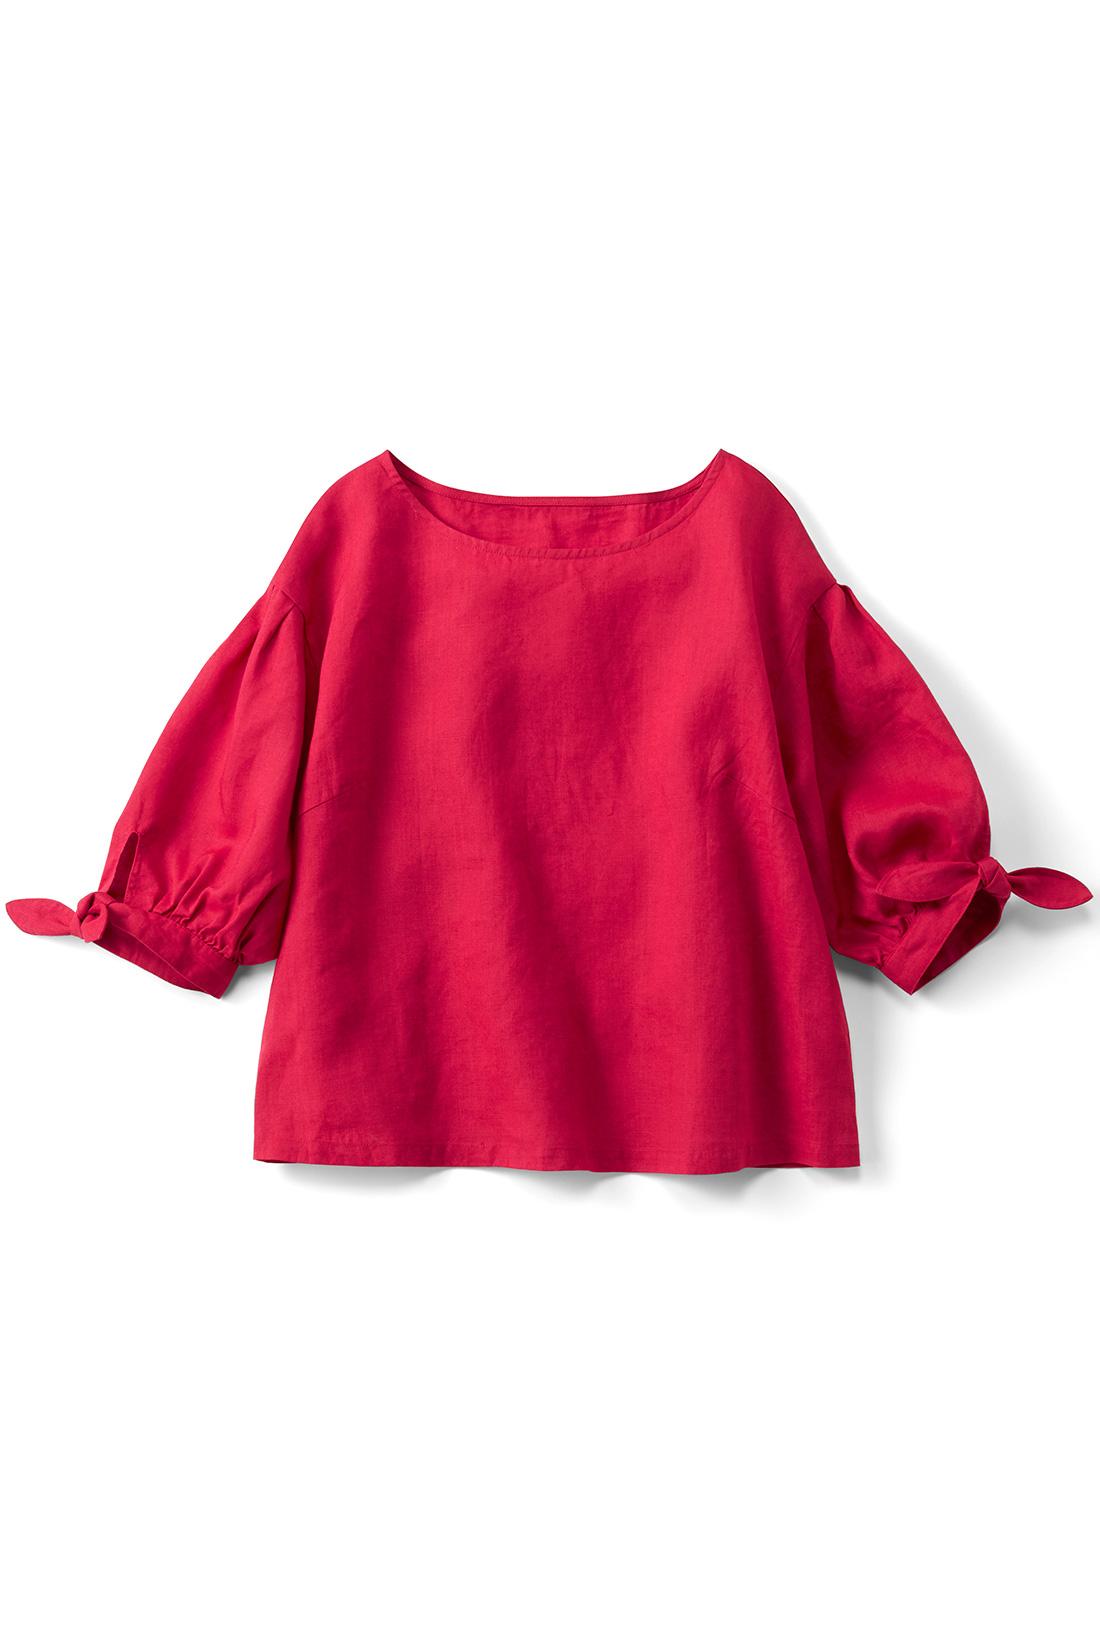 [チェリー]少し短め丈&身幅広めのゆるシルエット。袖のリボンが、ほんのりガーリー。